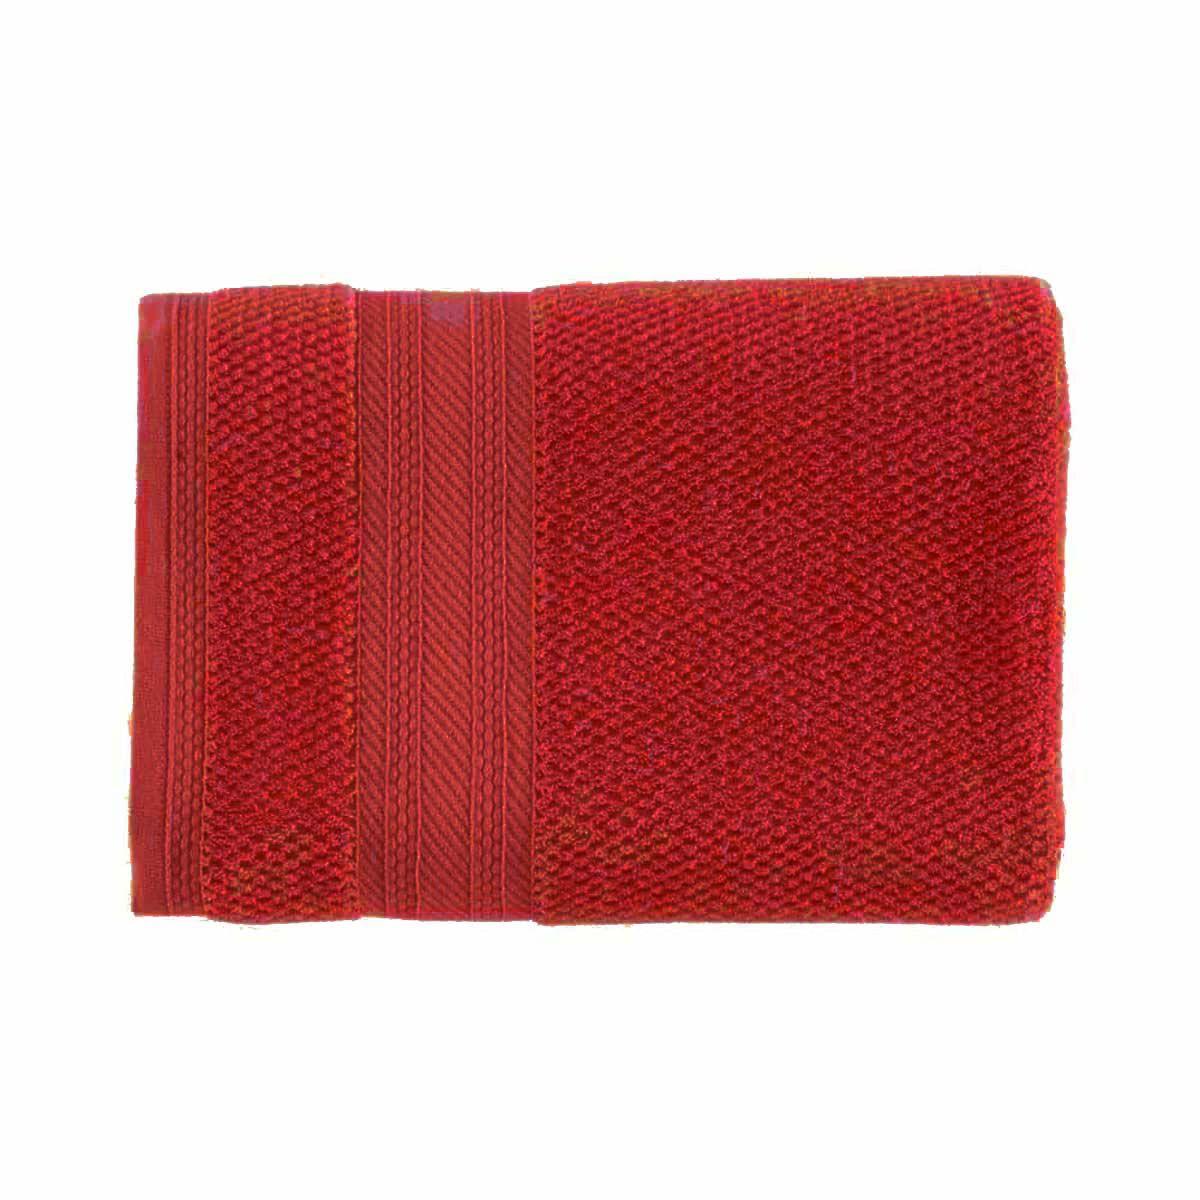 Toalha banho empire 70x135 Vermelho